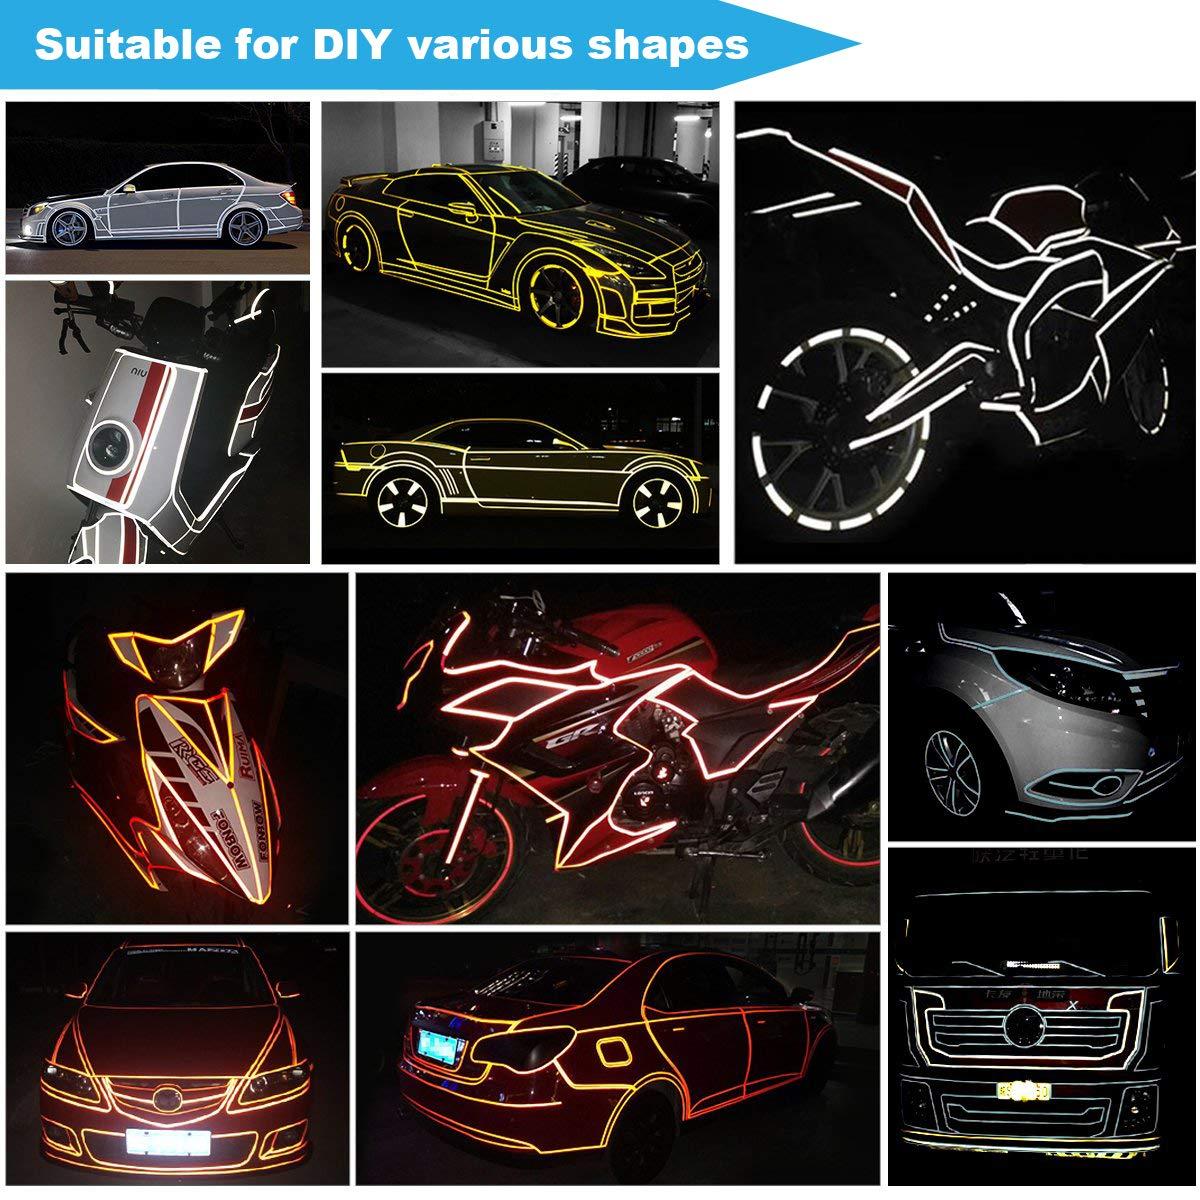 BESTZY Cinta Adhesiva Reflectante Cinta de advertencia de Seguridad Impermeable 5 Colores 5 cm x 3 m Pegatina Alta Visibilidad para Veh/ículos Autom/óviles Motocicletas Bicicletas